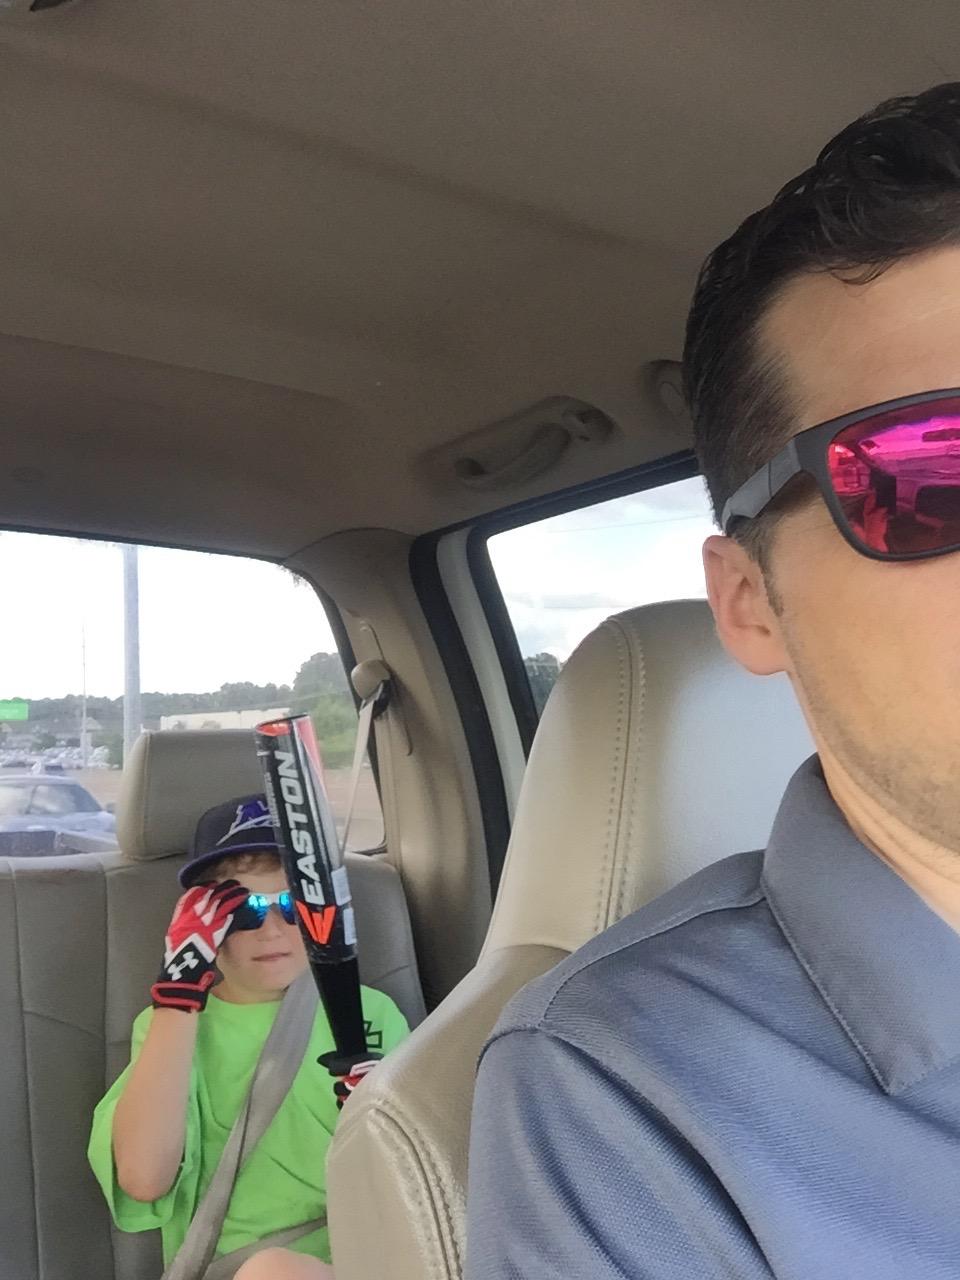 New baseball gear for Jake